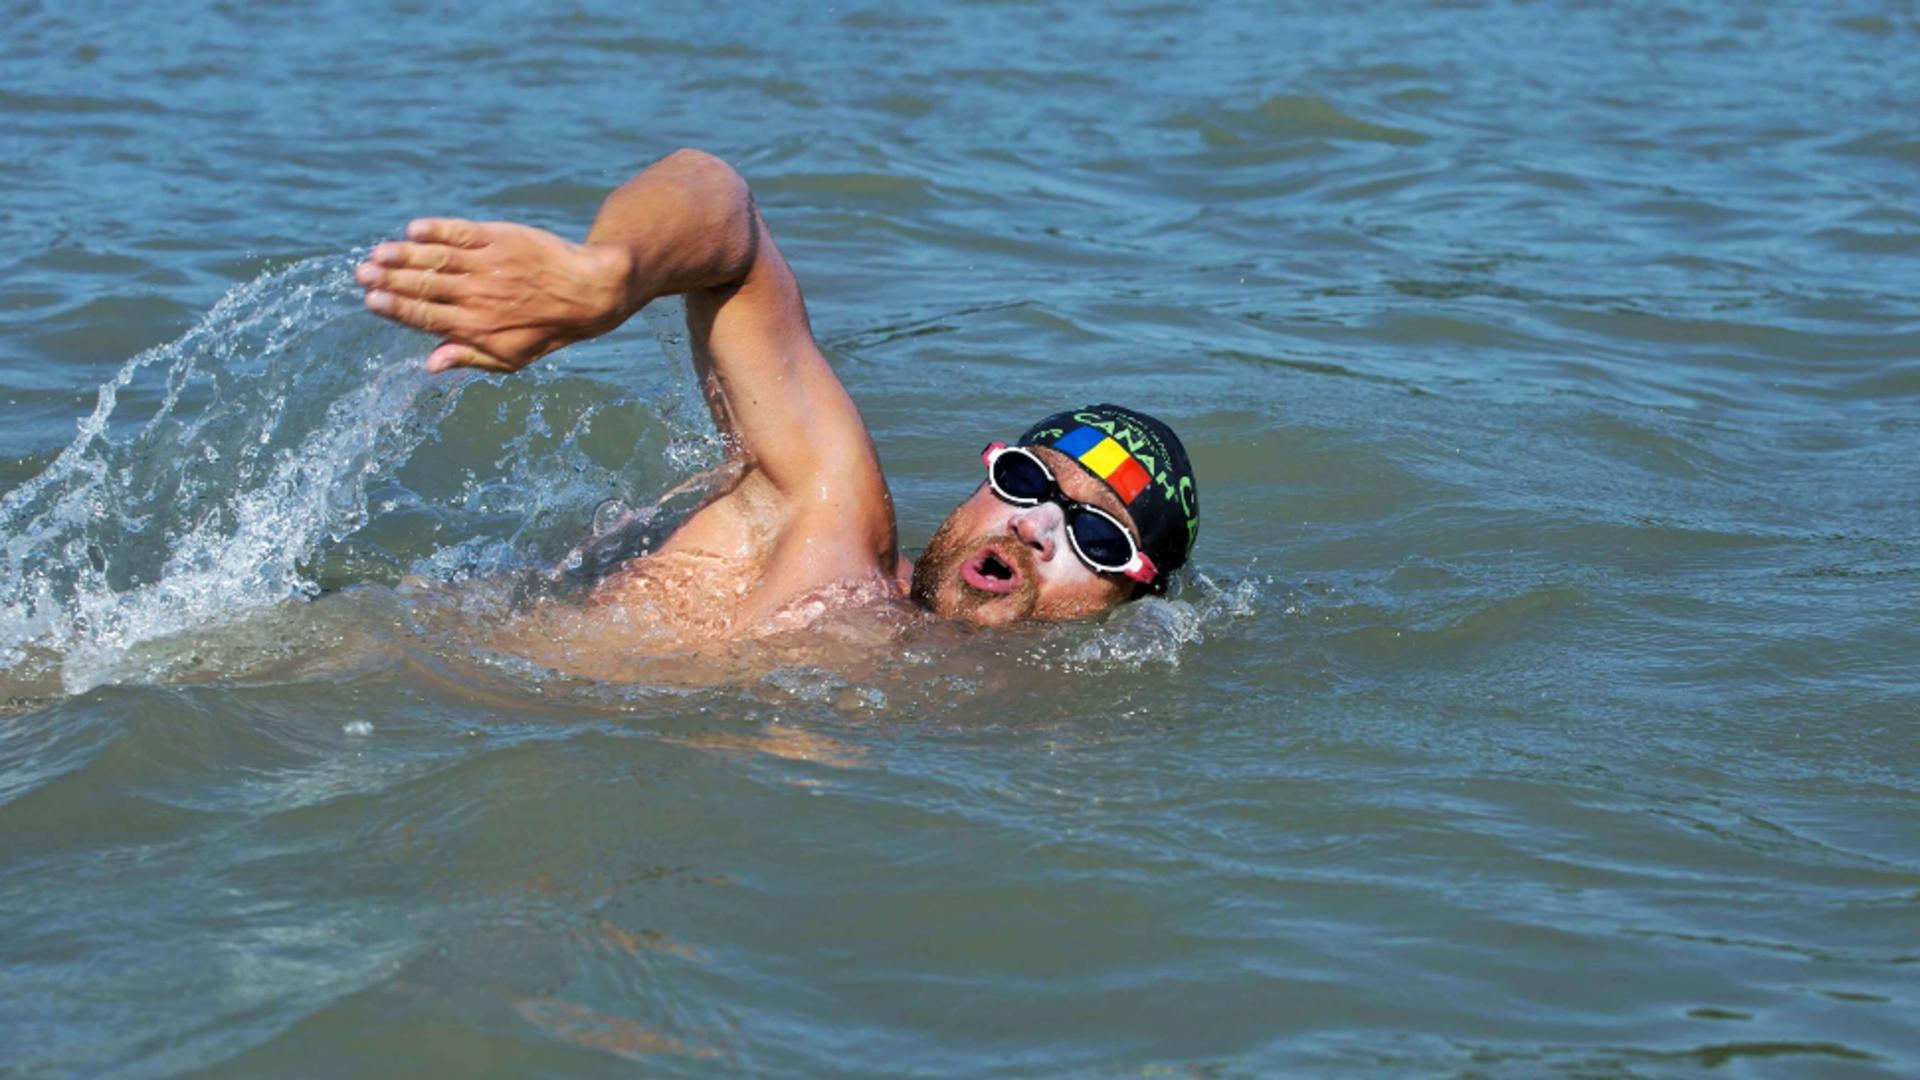 Înotătorul Avram Iancu, abandon din cauza furtunii